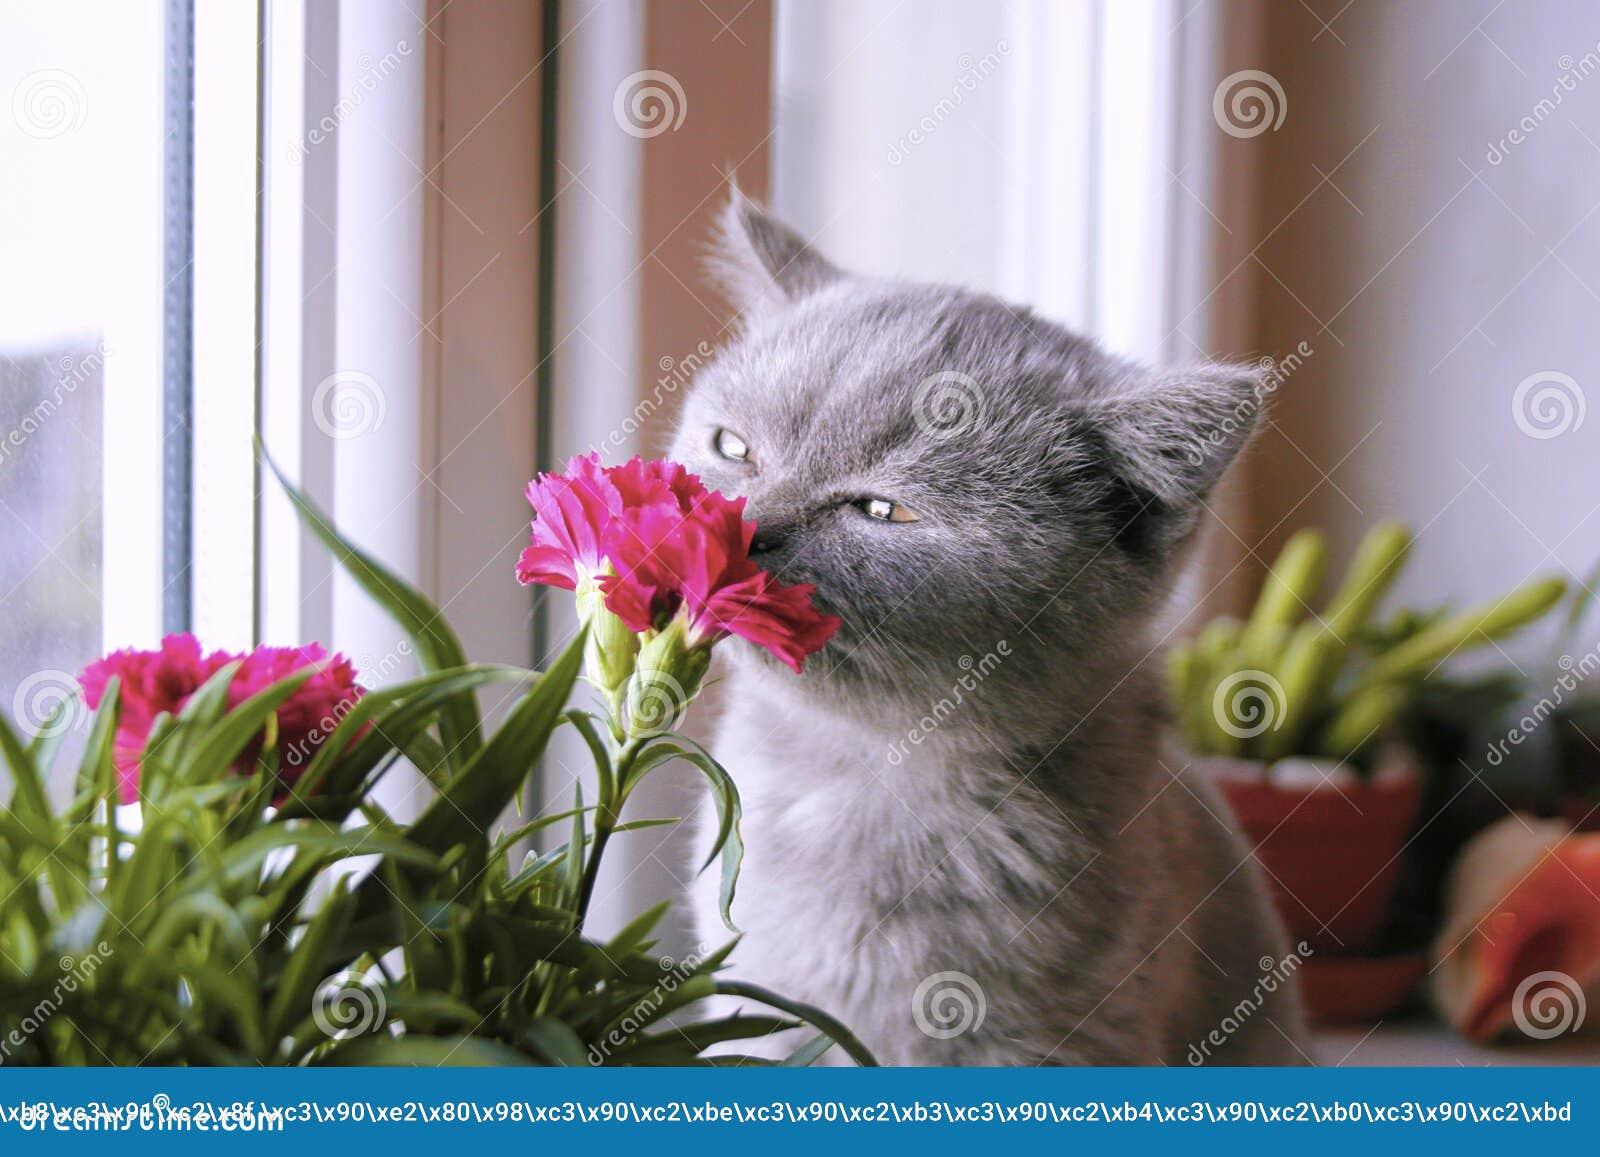 Little gray kitten admires the flower